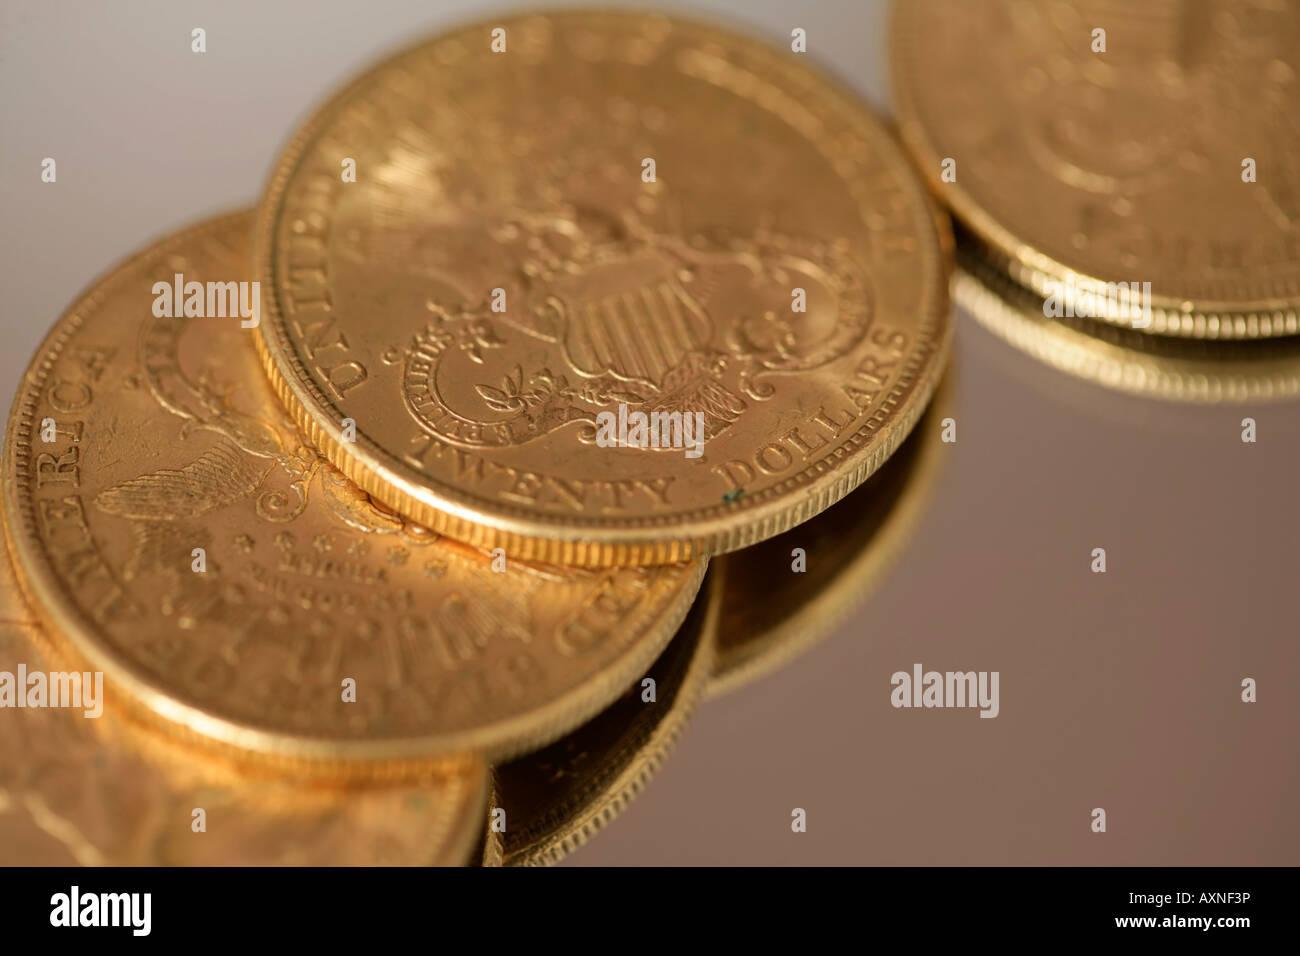 25 Dollar Gold Coins Stock Photos 25 Dollar Gold Coins Stock